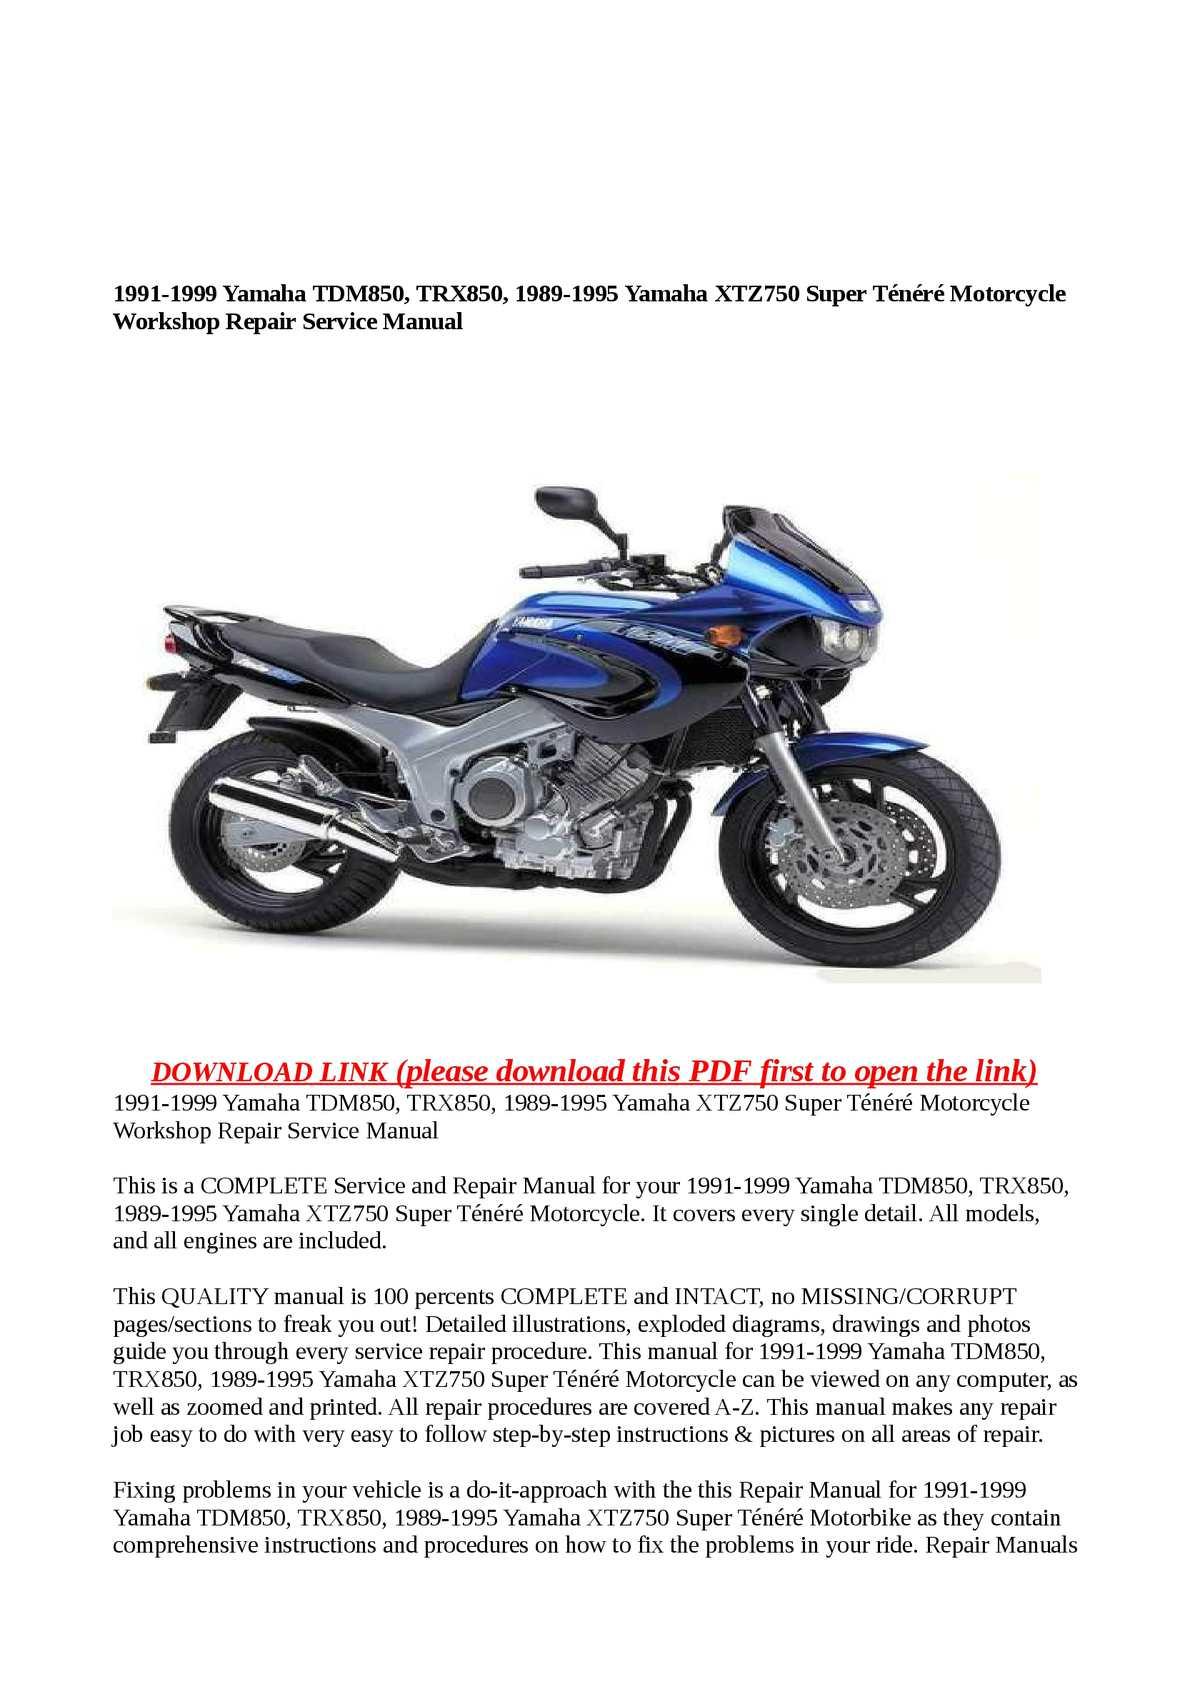 Calaméo - 1991-1999 Yamaha TDM850, TRX850, 1989-1995 Yamaha XTZ750 Super  Ténéré Motorcycle Workshop Repair Service Manual